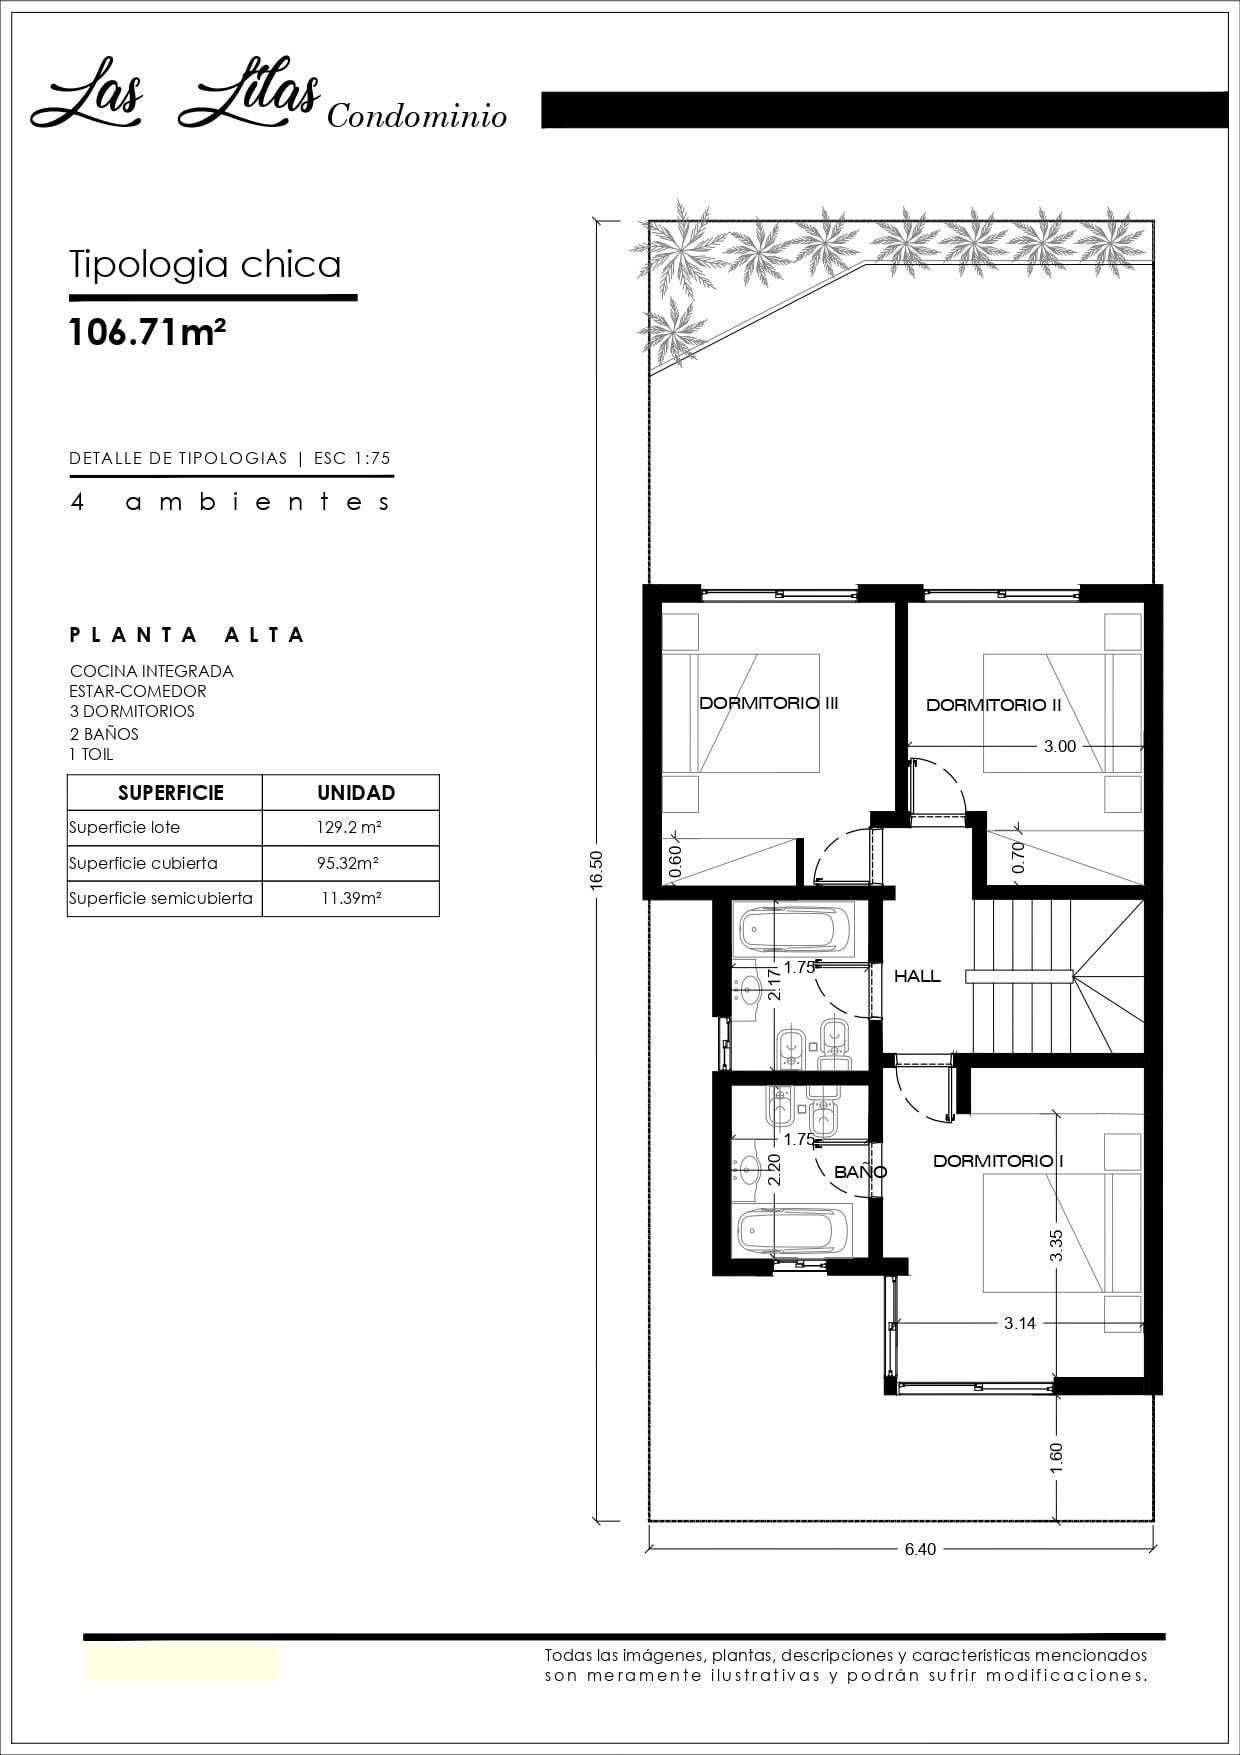 Las lillas condominio- Tipologia Chica - PA_page-0001.jpg